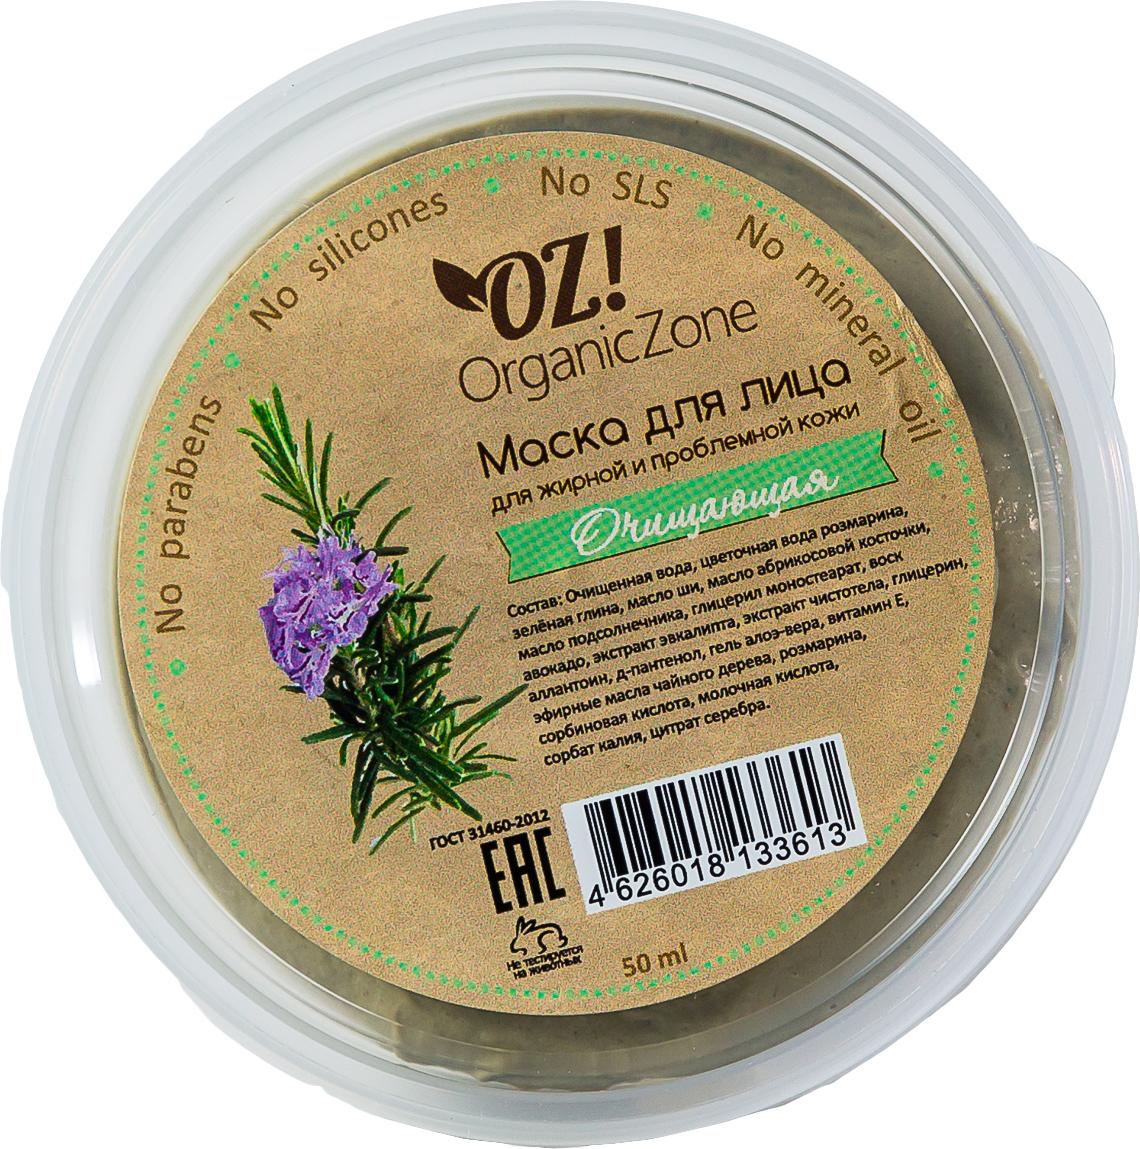 OrganicZone Маска для лица Очищающая для жирной и проблемной кожи, 50 мл4626018133613Зеленая глина помогает бороться с высыпаниями. В сочетании с эфирным маслом розмарина убирает следы от акне. Эфирное масло чайного дерева сужает поры, снимает раздражение, нормализует работу сальных желез.